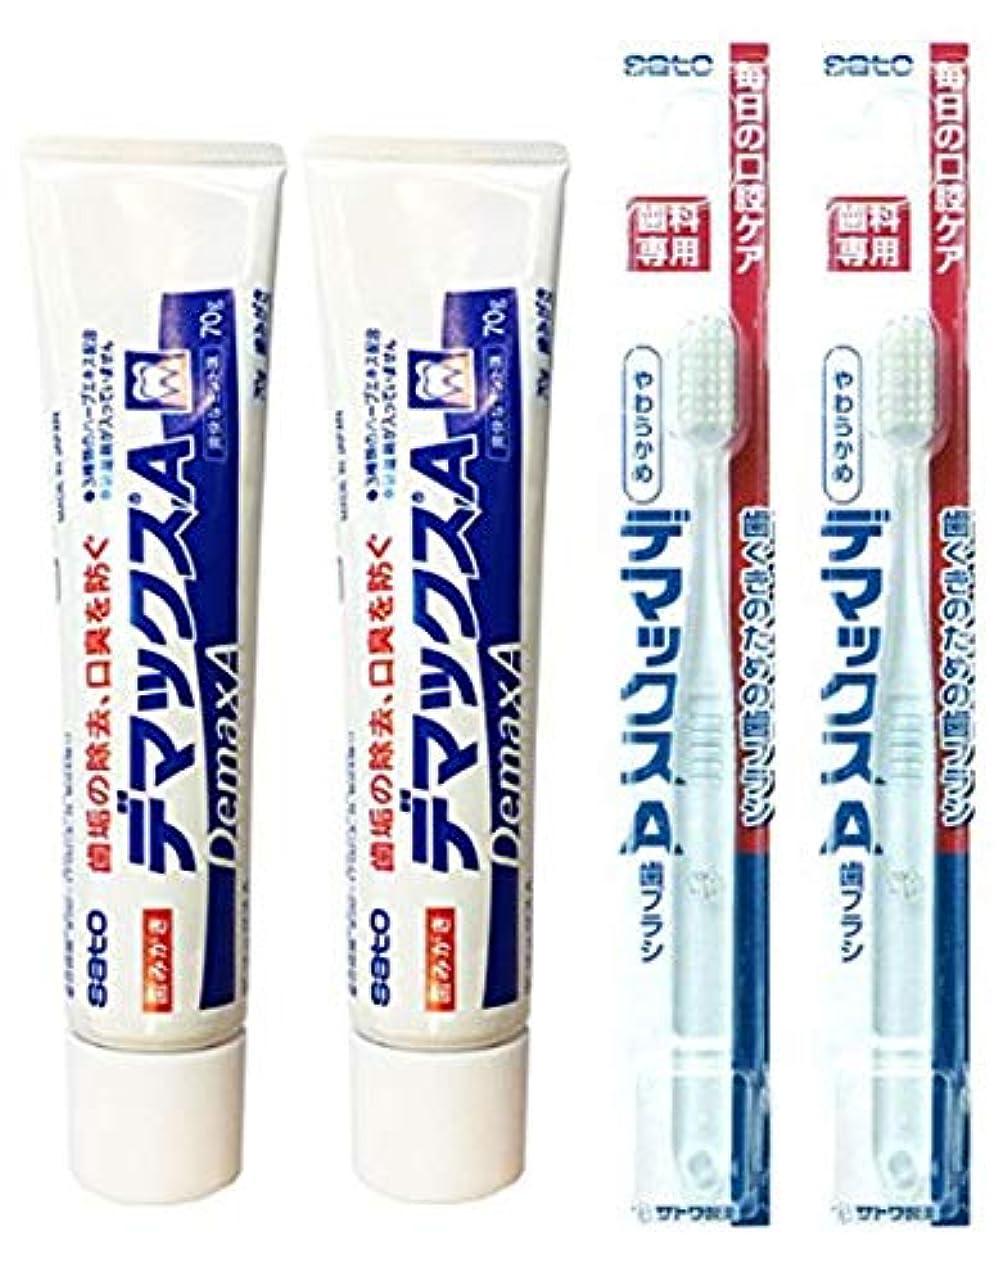 平野切手圧縮佐藤製薬 デマックスA 歯磨き粉(70g) 2個 + デマックスA 歯ブラシ 2本 セット